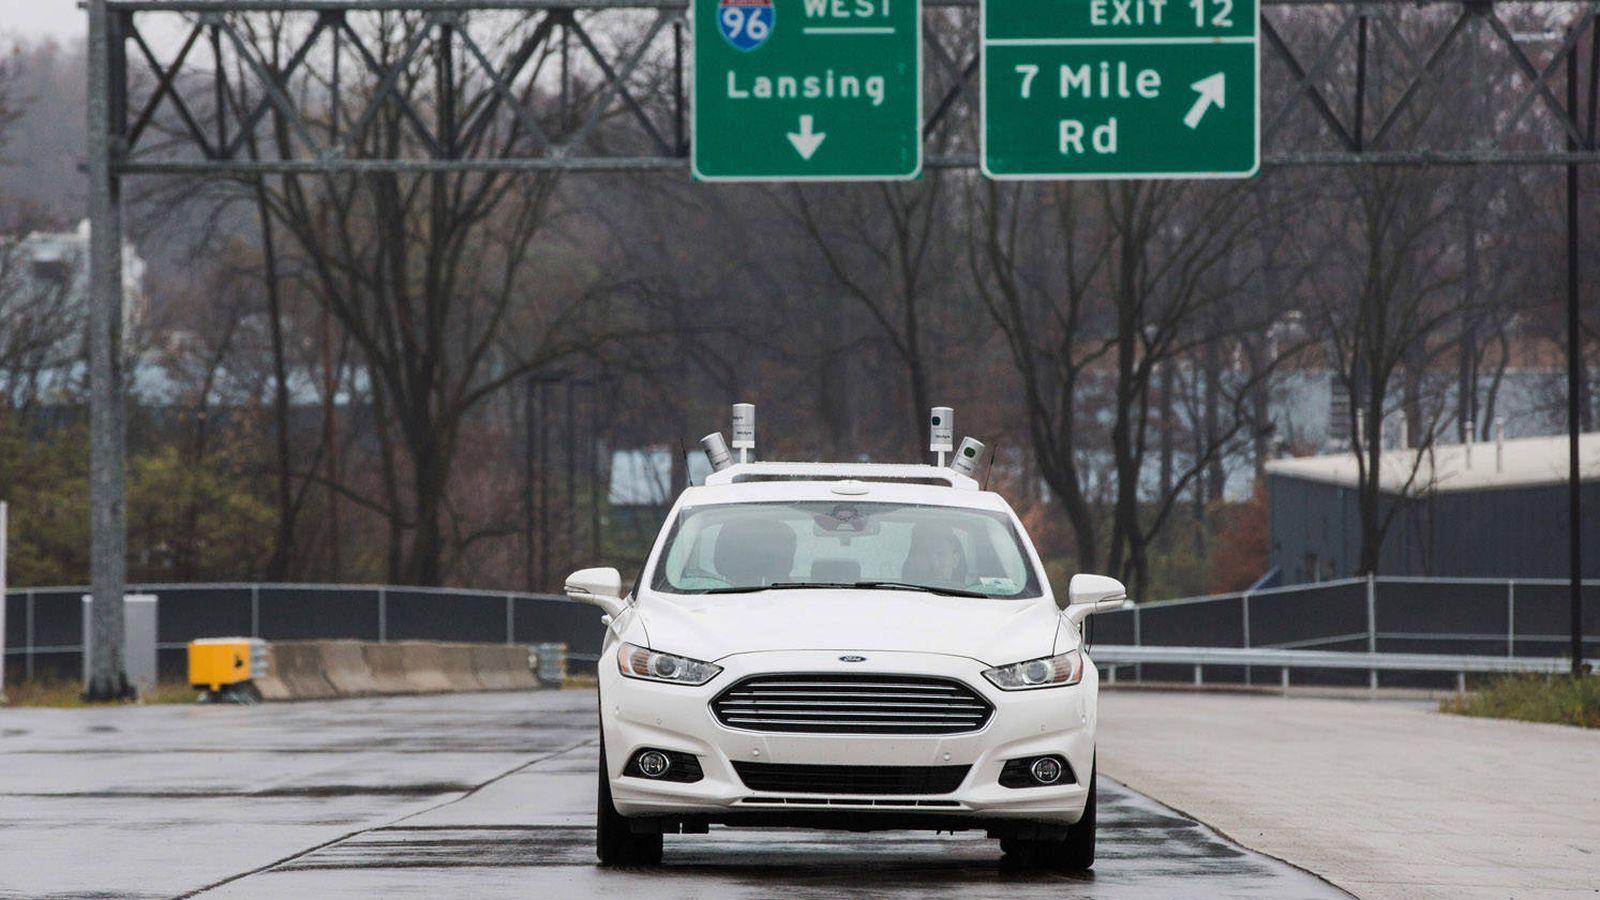 Foto: Un vehículo Ford con varios sensores de la compañía Velodyne sobre el techo (Ford)